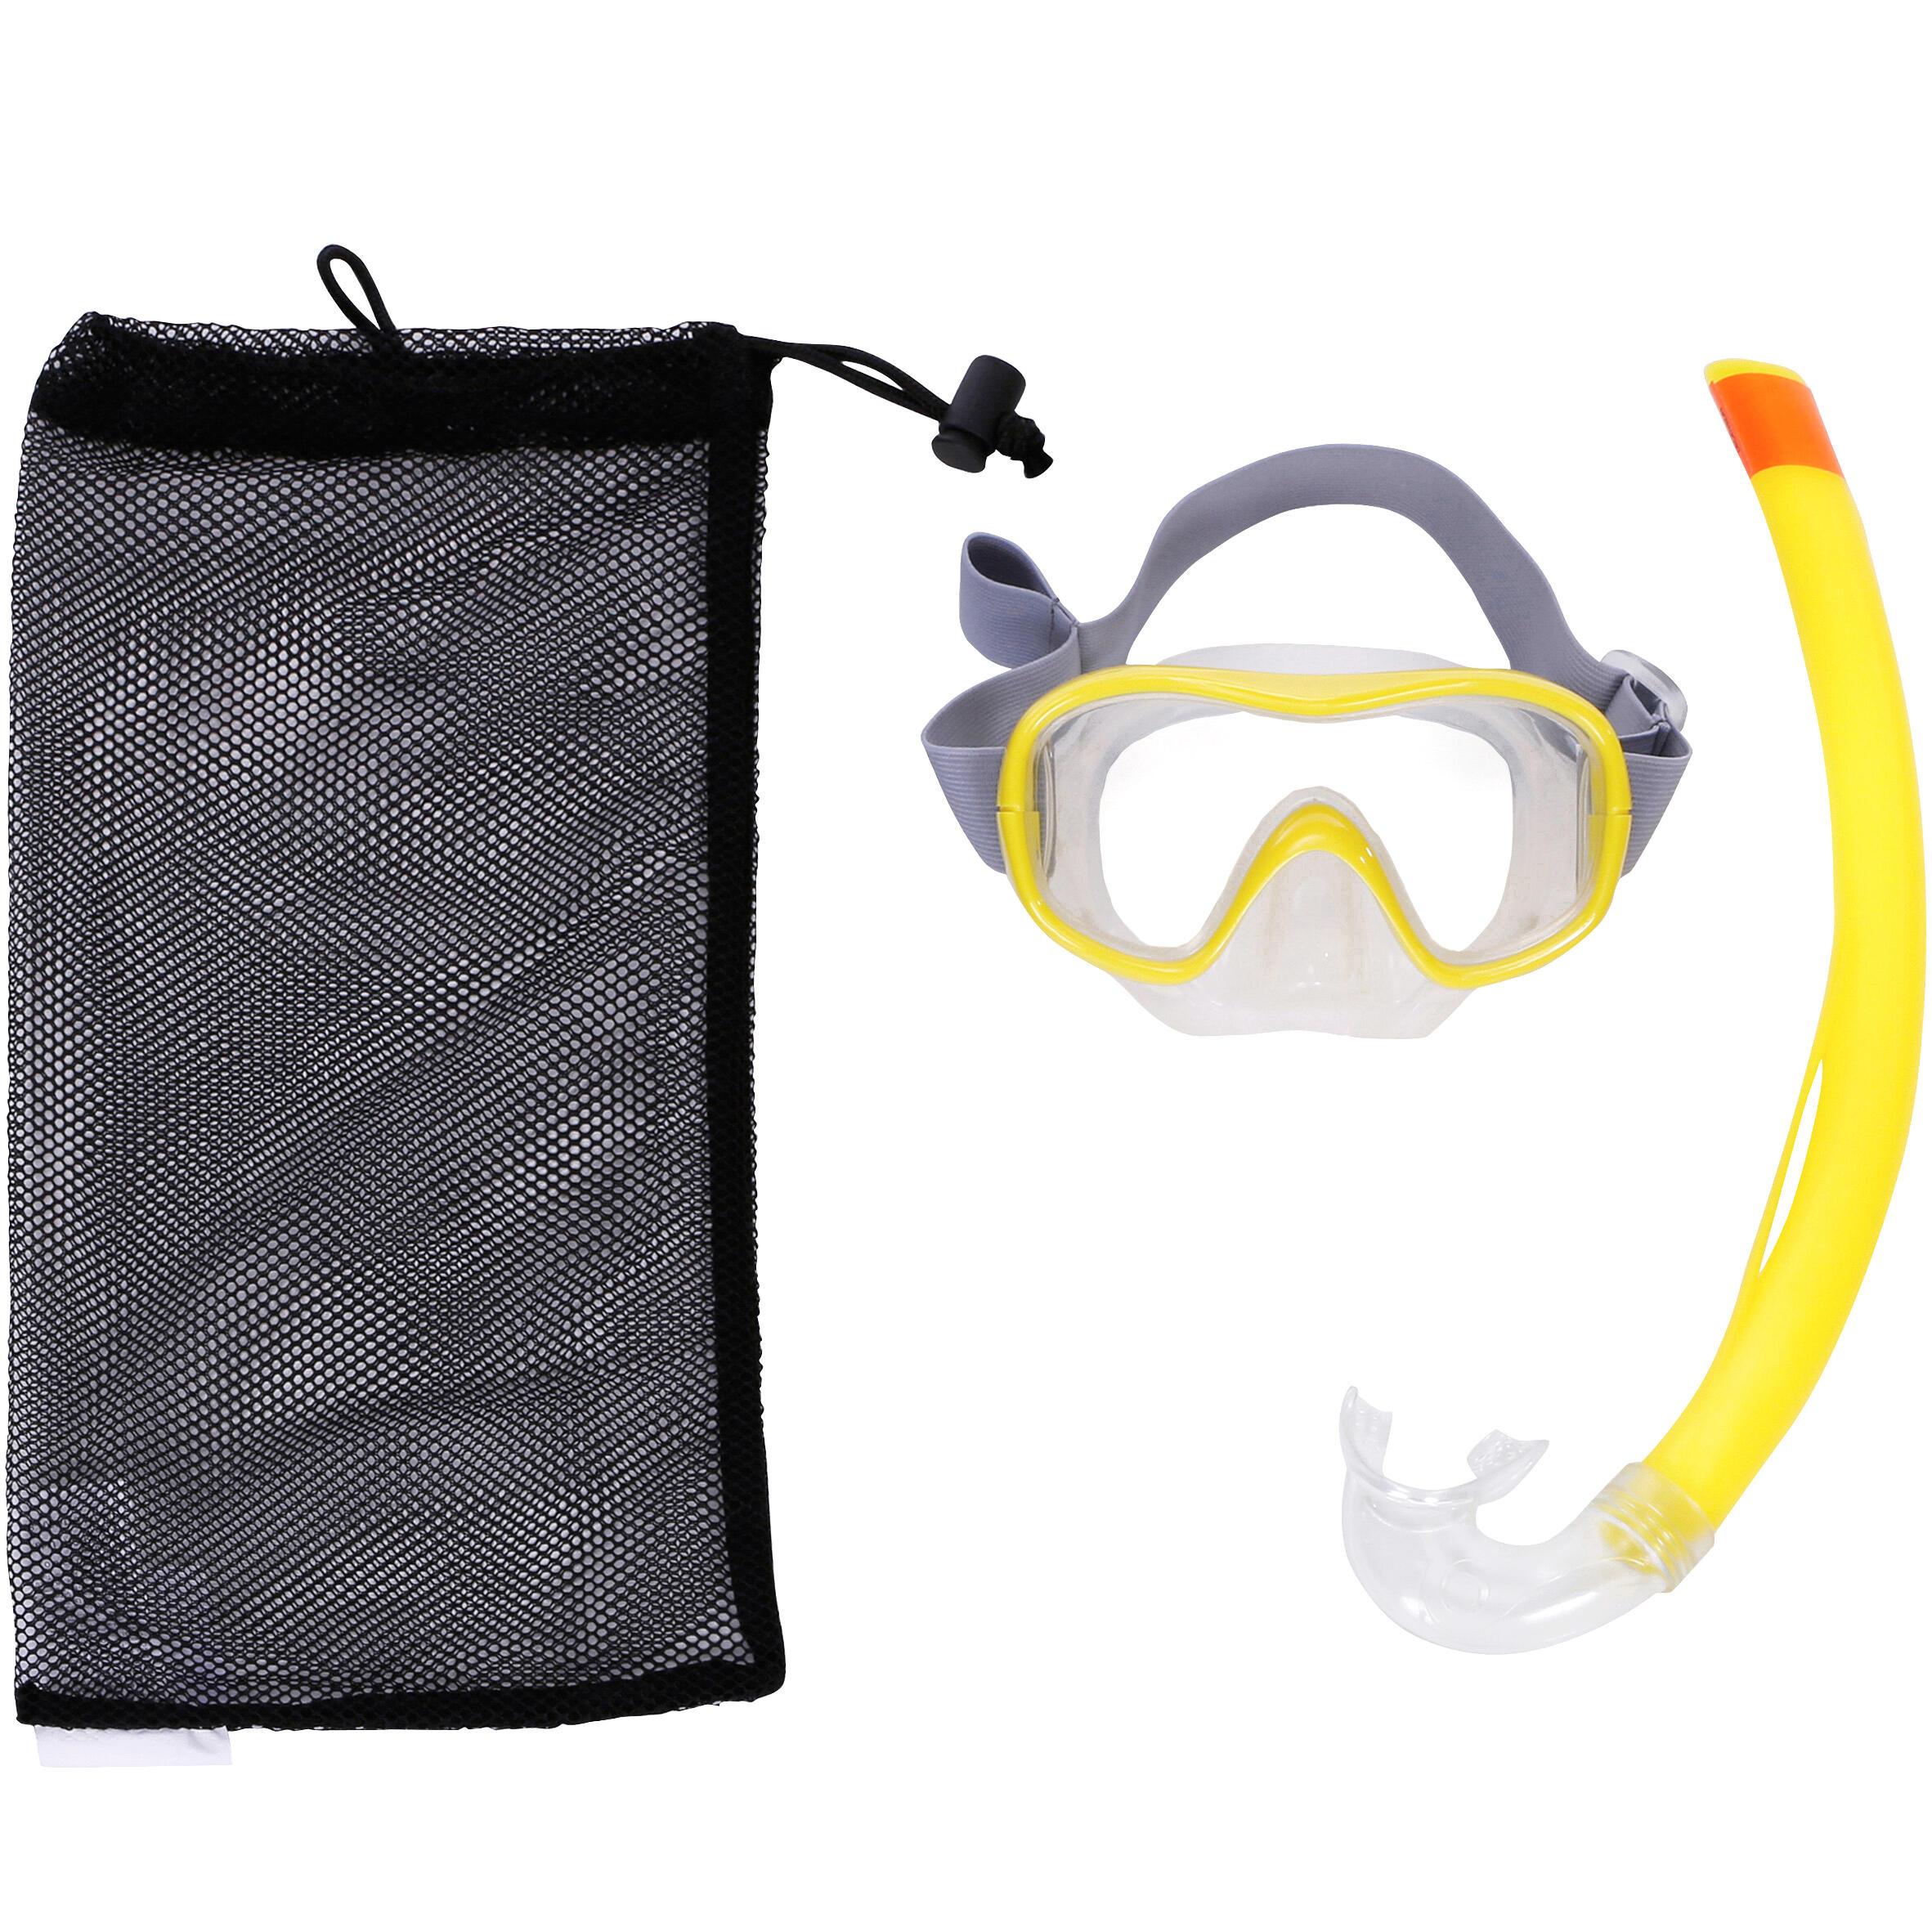 Subea Snorkelset SNK 500 met duikbril en snorkel, kinderen en volwassenen kopen